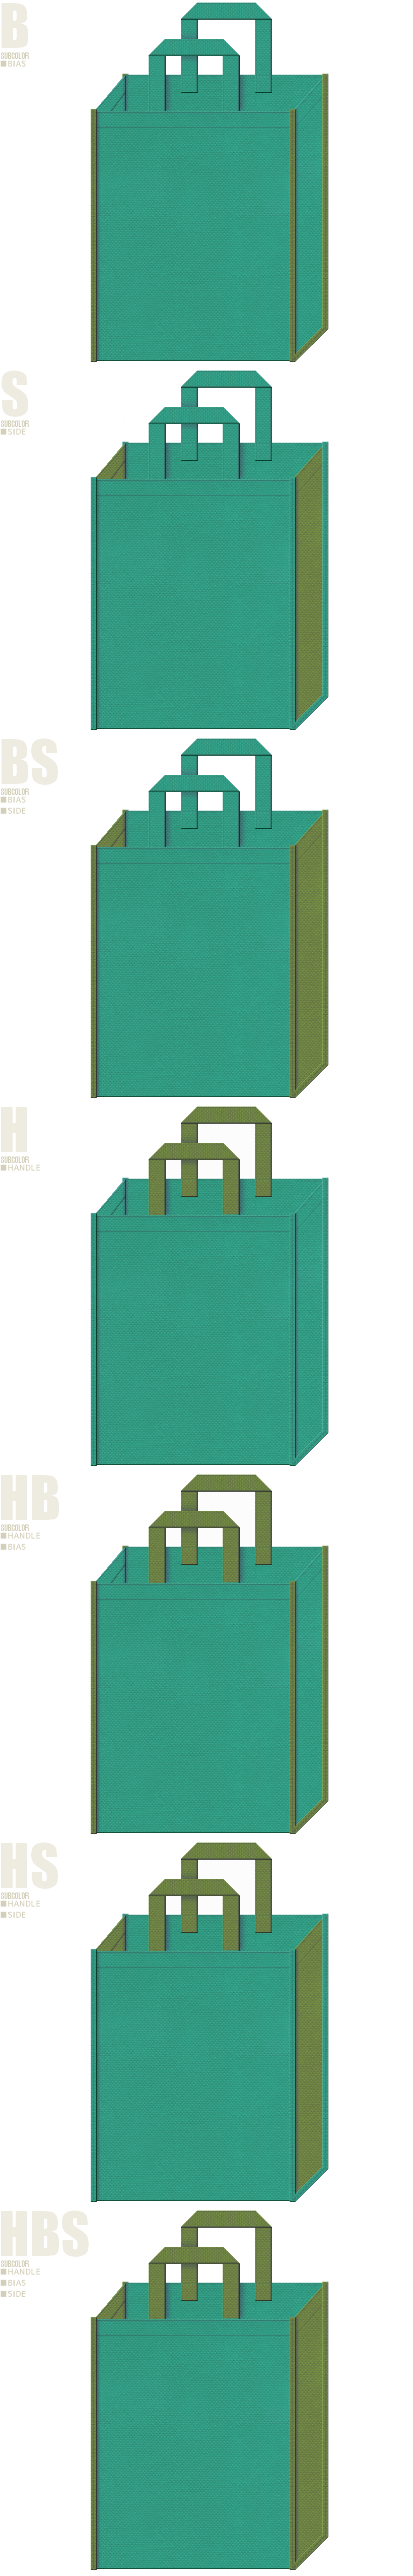 造園用品の展示会用バッグにお奨めの不織布バッグデザイン:青緑色と草色の不織布バッグ配色7パターン。